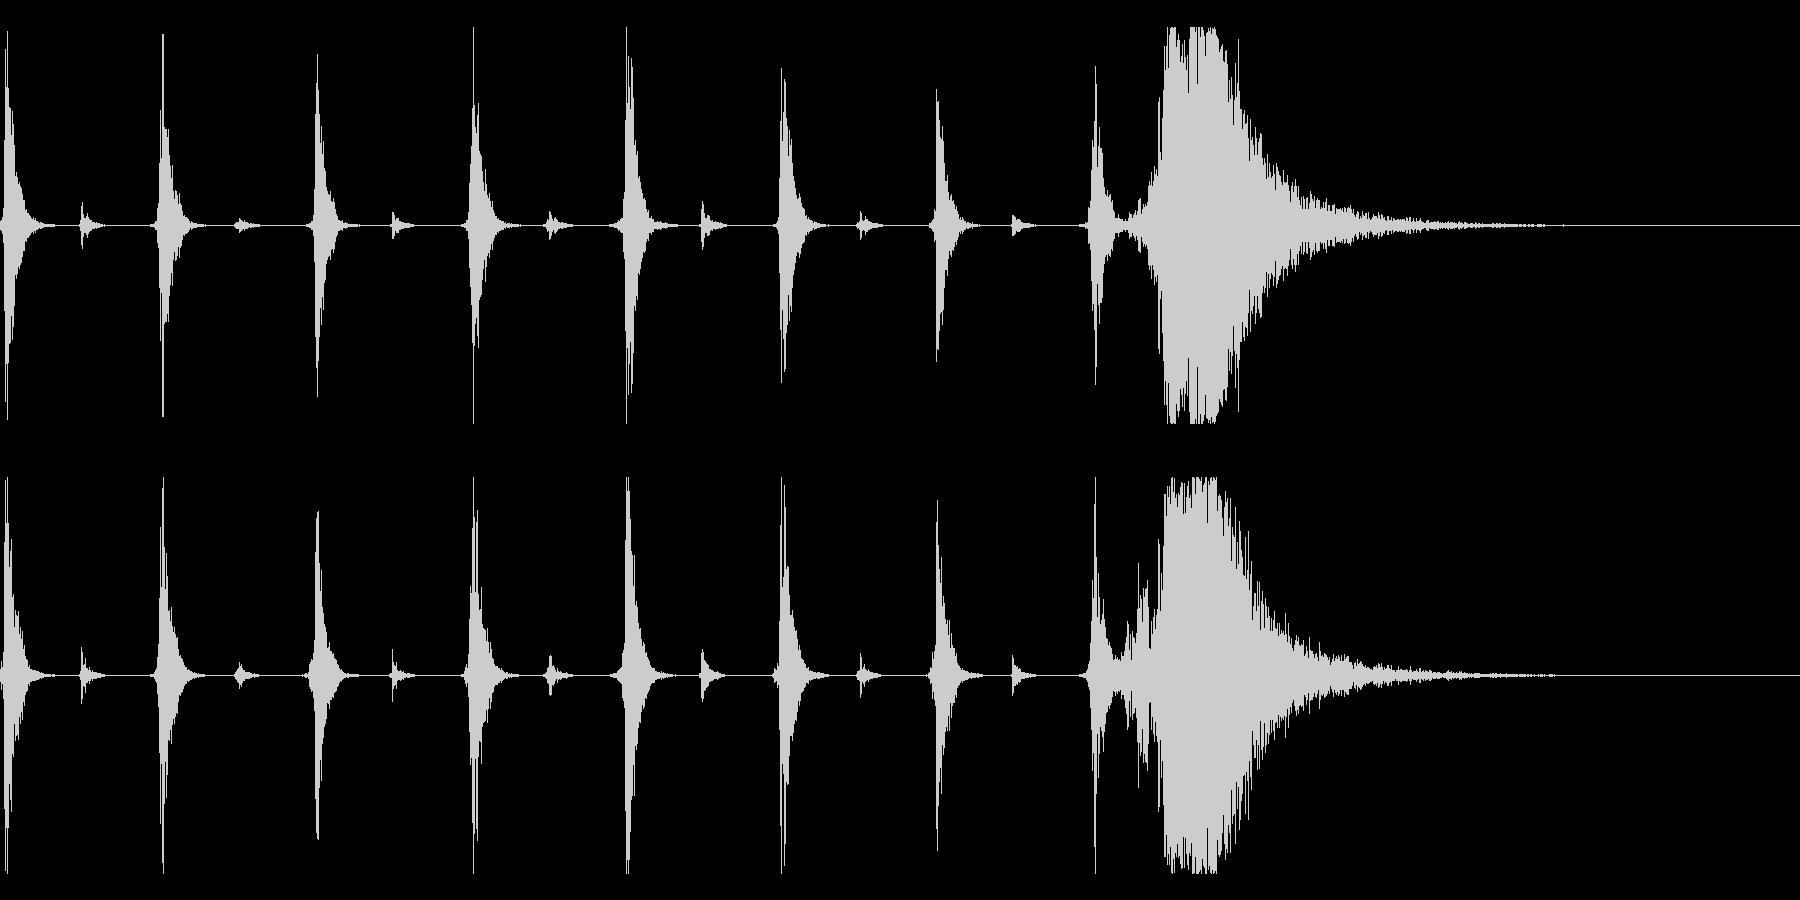 シンキングタイム用/秒針の効果音 !2の未再生の波形